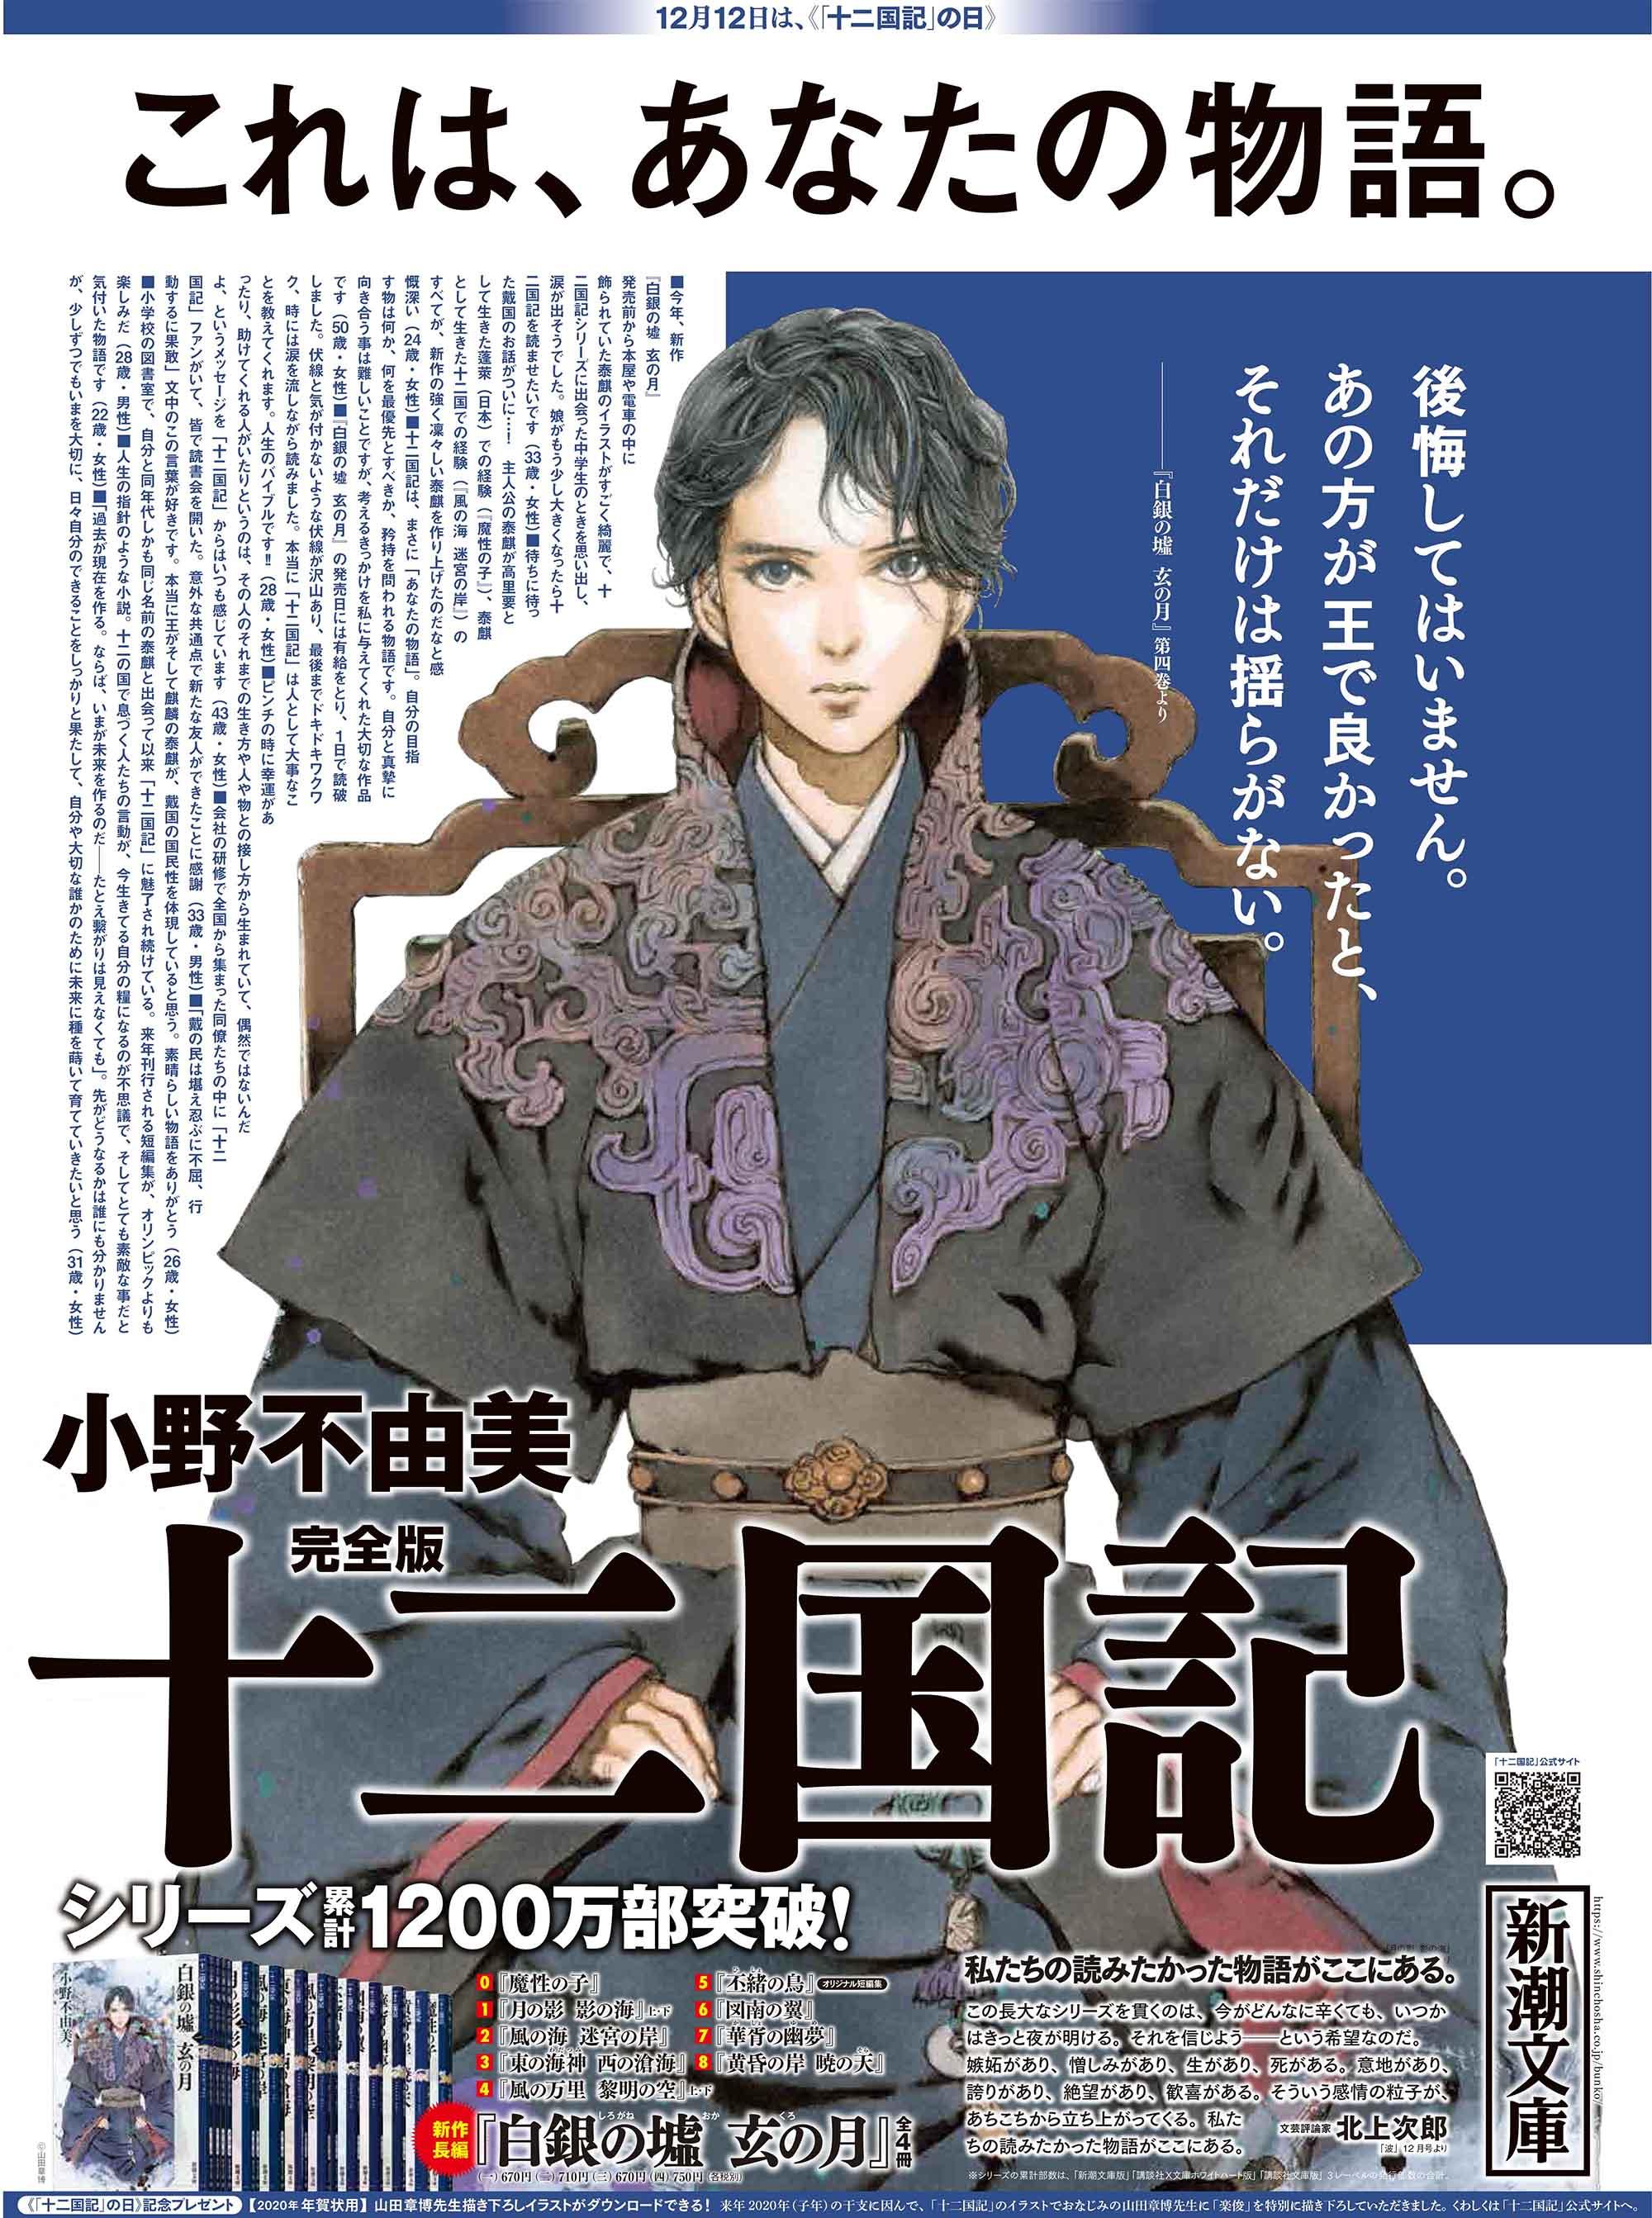 12月12日〈「十二国記」の日》を記念して、朝日新聞に「4種の全面広告」掲載&書店で「十二国記新聞」... 画像